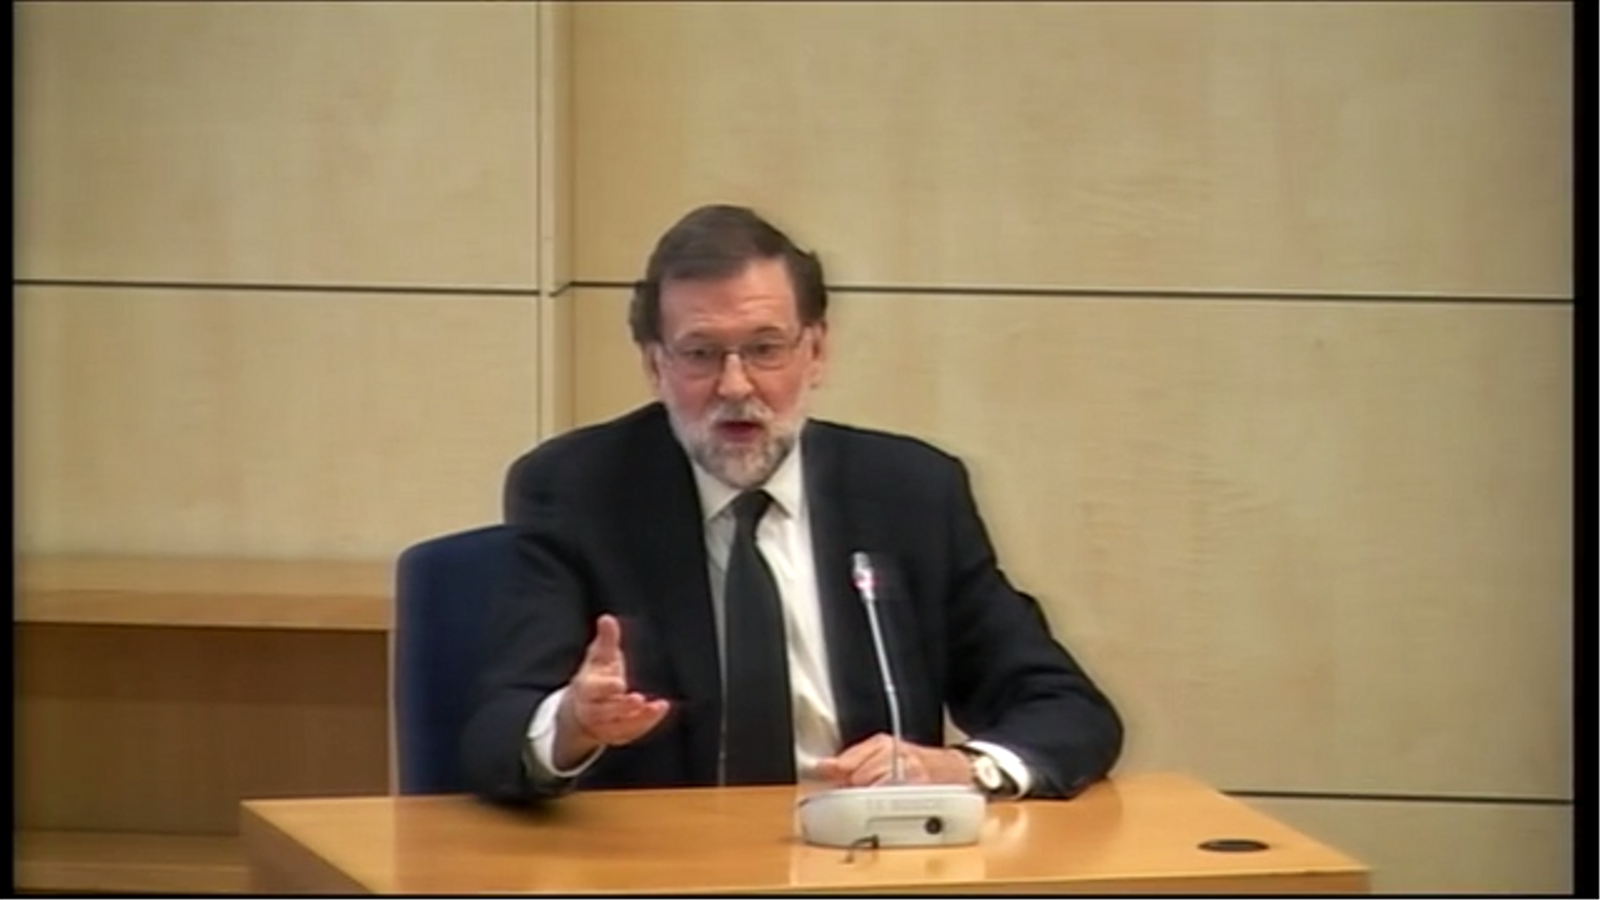 Vídeo Rajoy Defensa Que No Va Fer Absolutament Res Per Ajudar Bárcenas Tot I Enviar Li Missatges De Suport